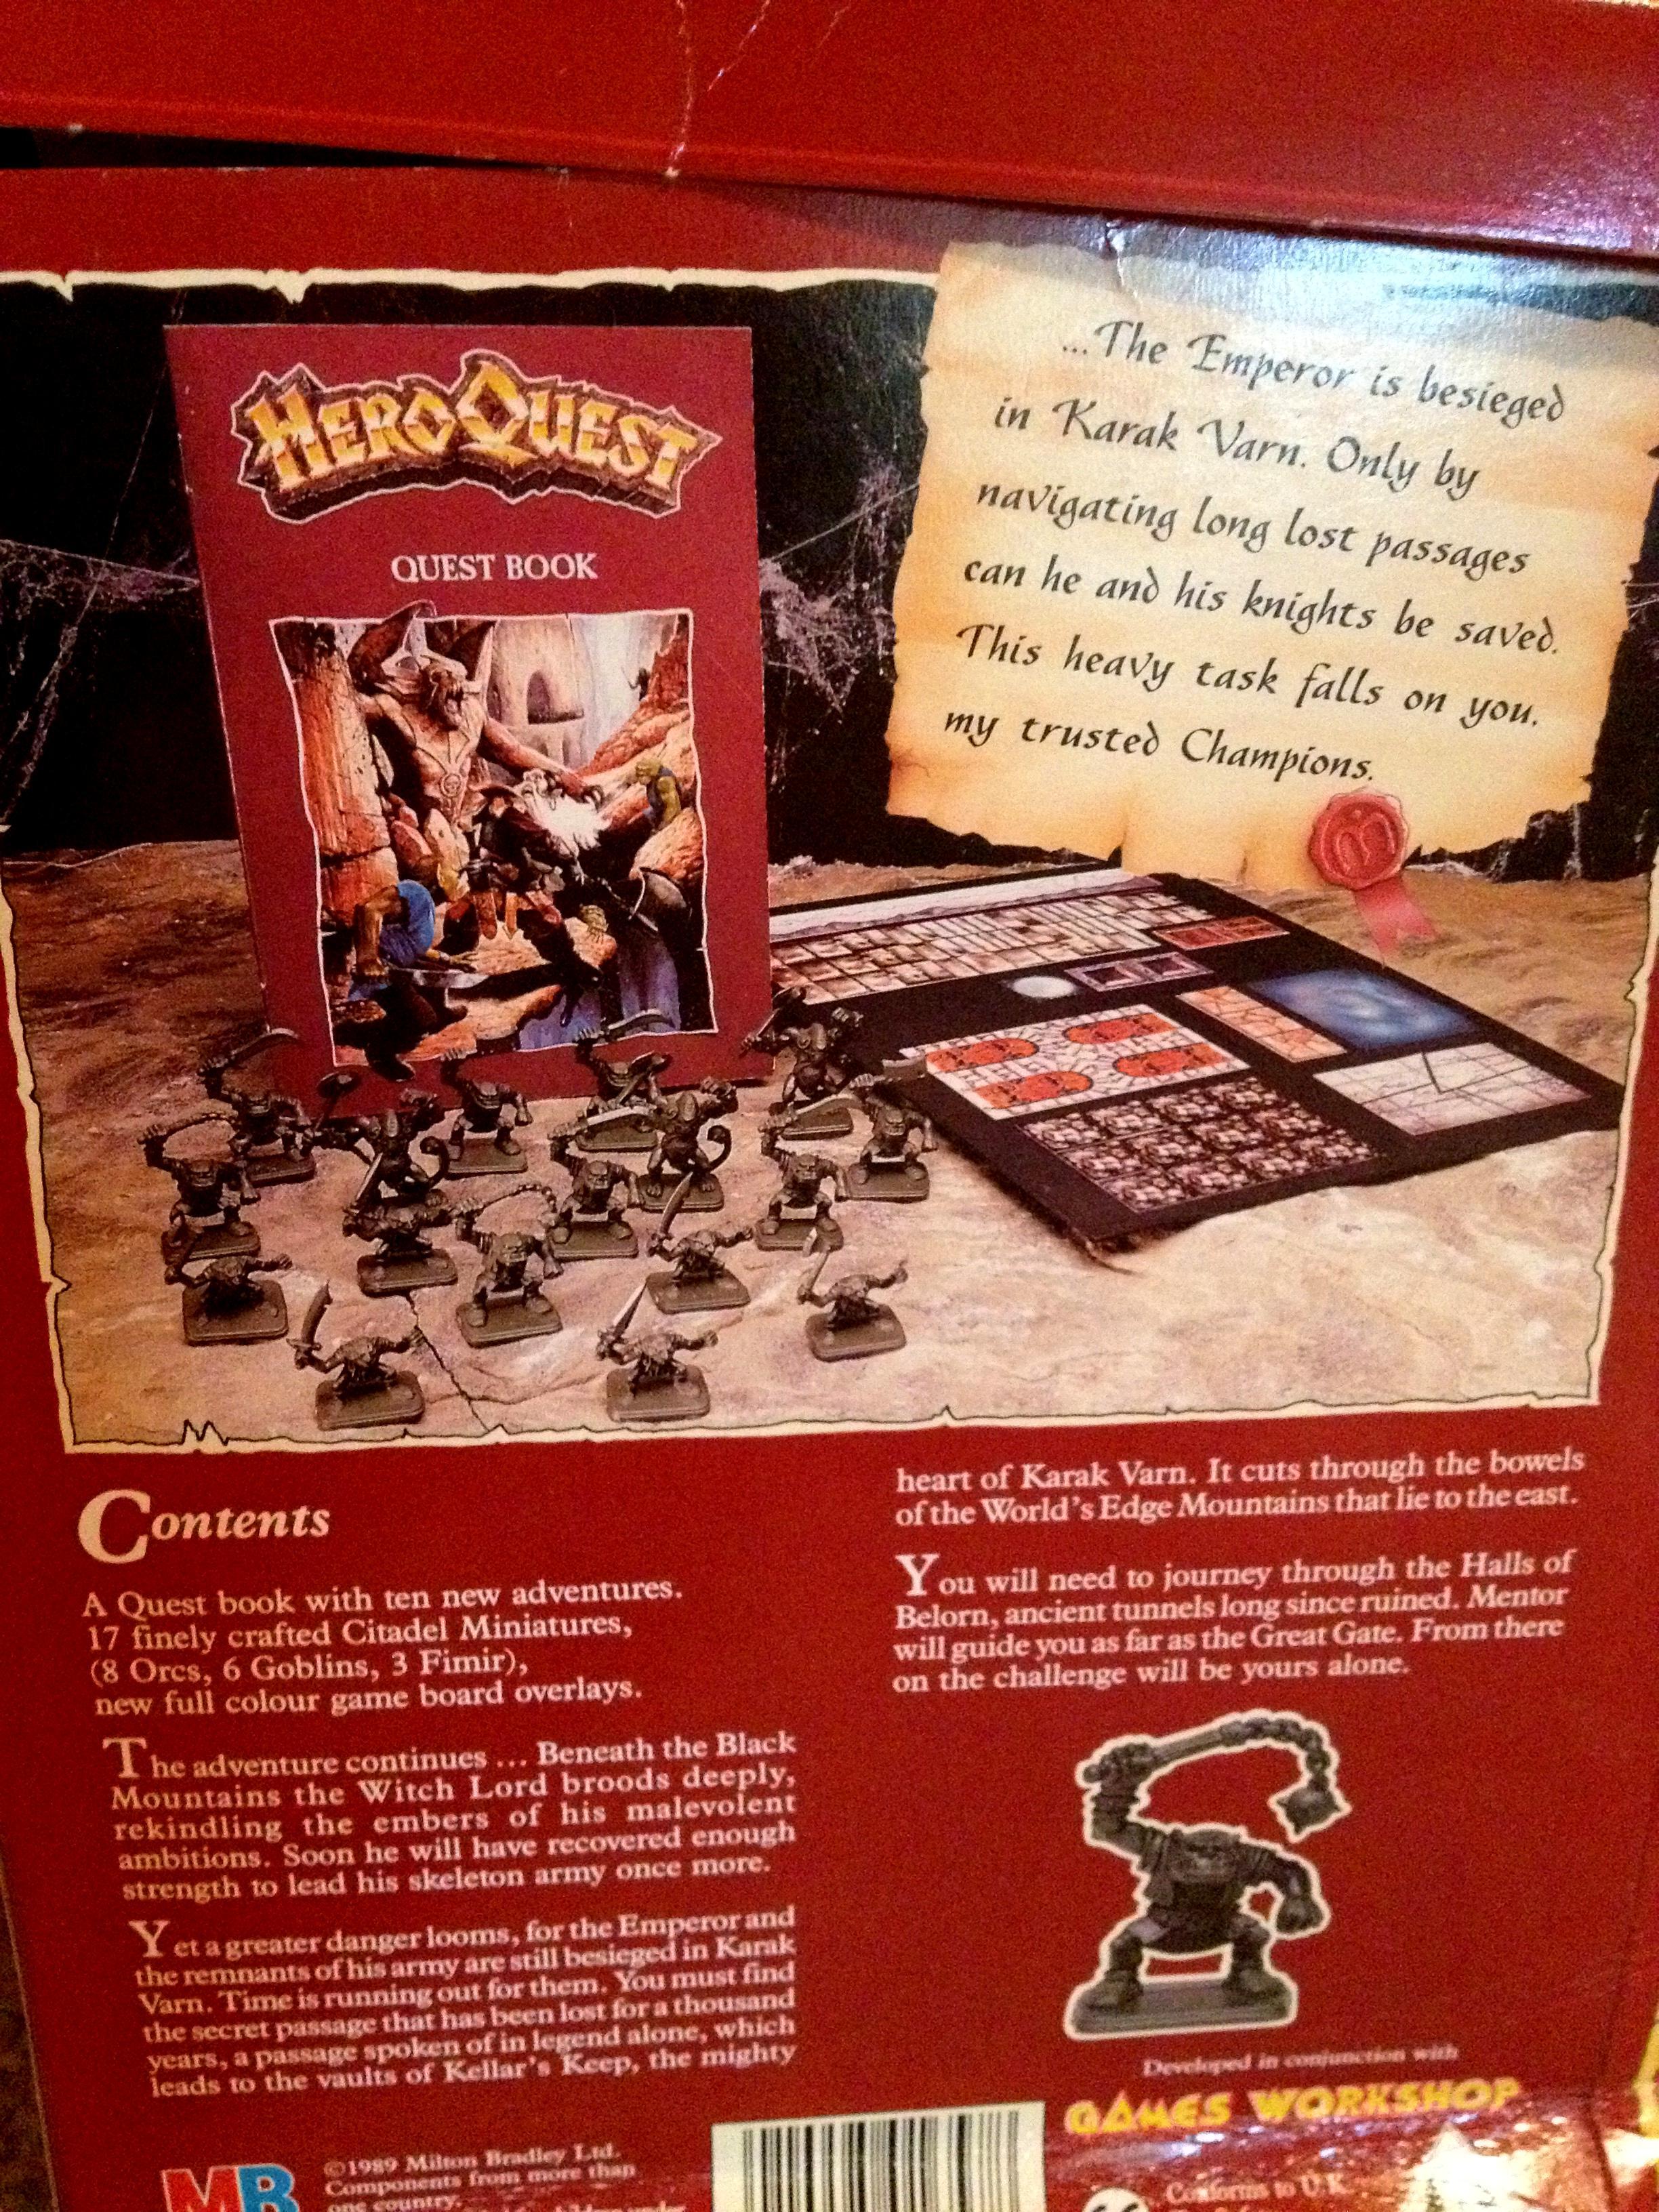 Dwarves, Games Workshop, Heroquest, Kellars Keep, Old, Orcs, Orks